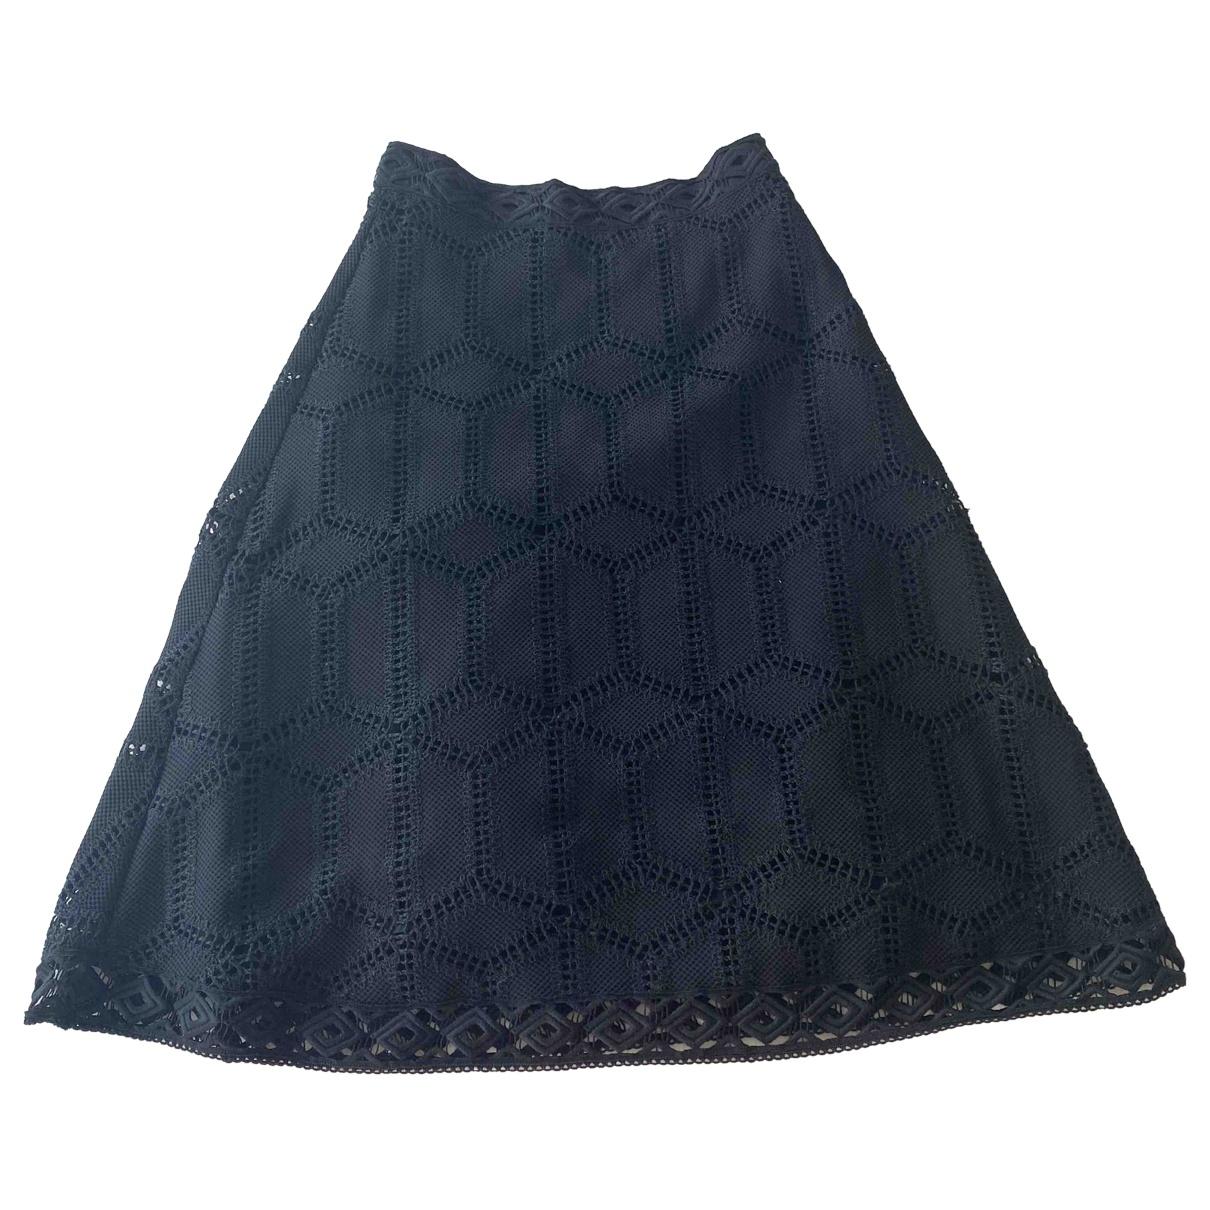 Ba&sh - Jupe Fall Winter 2019 pour femme en coton - noir